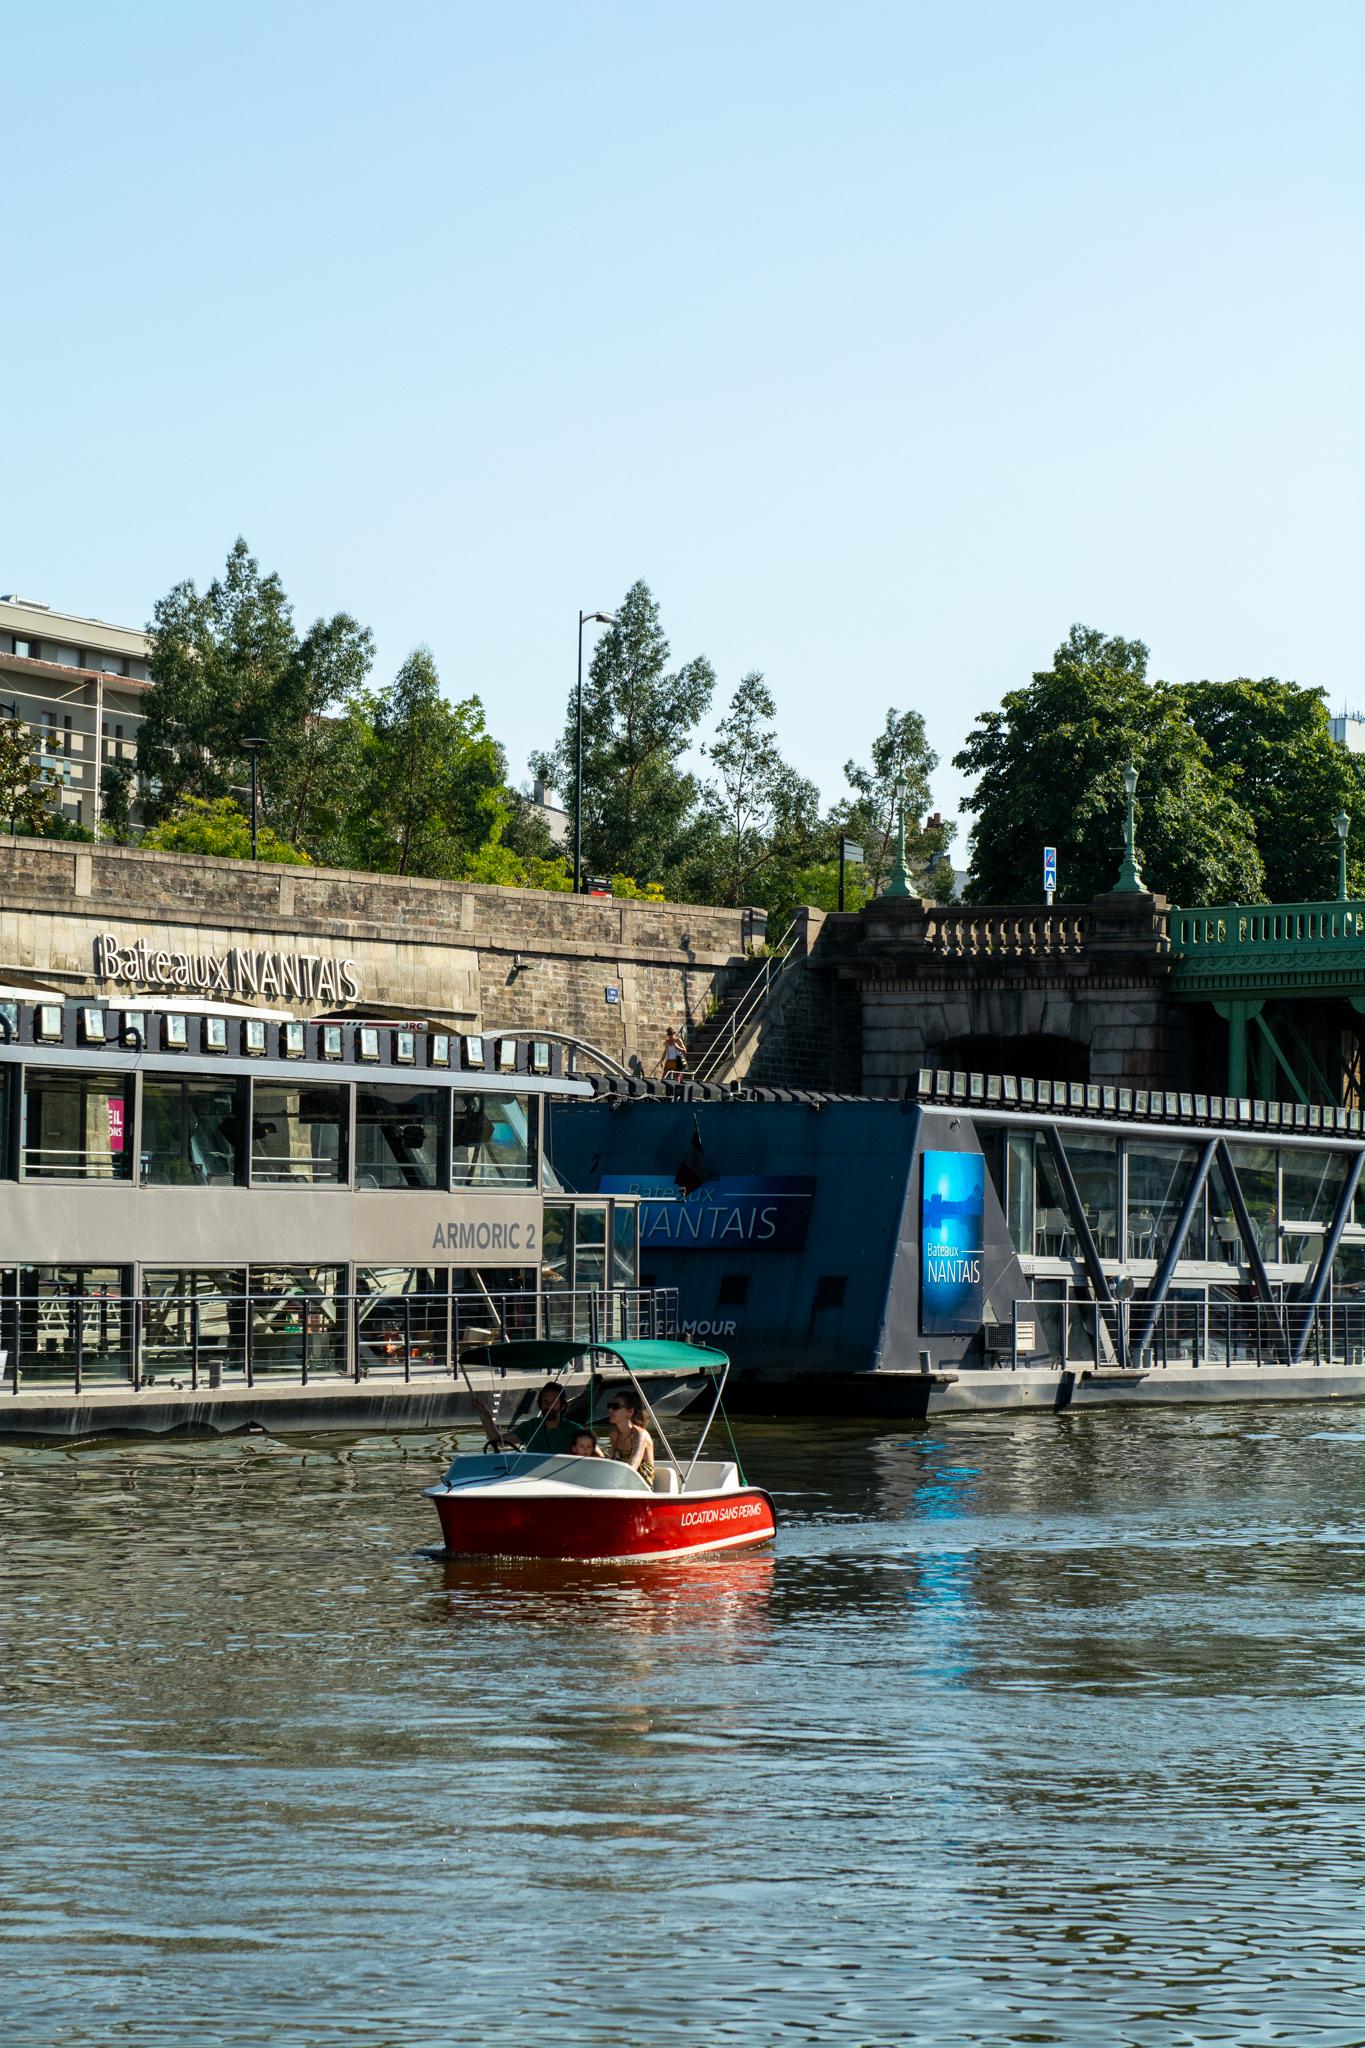 Gare Maritime in Nantes